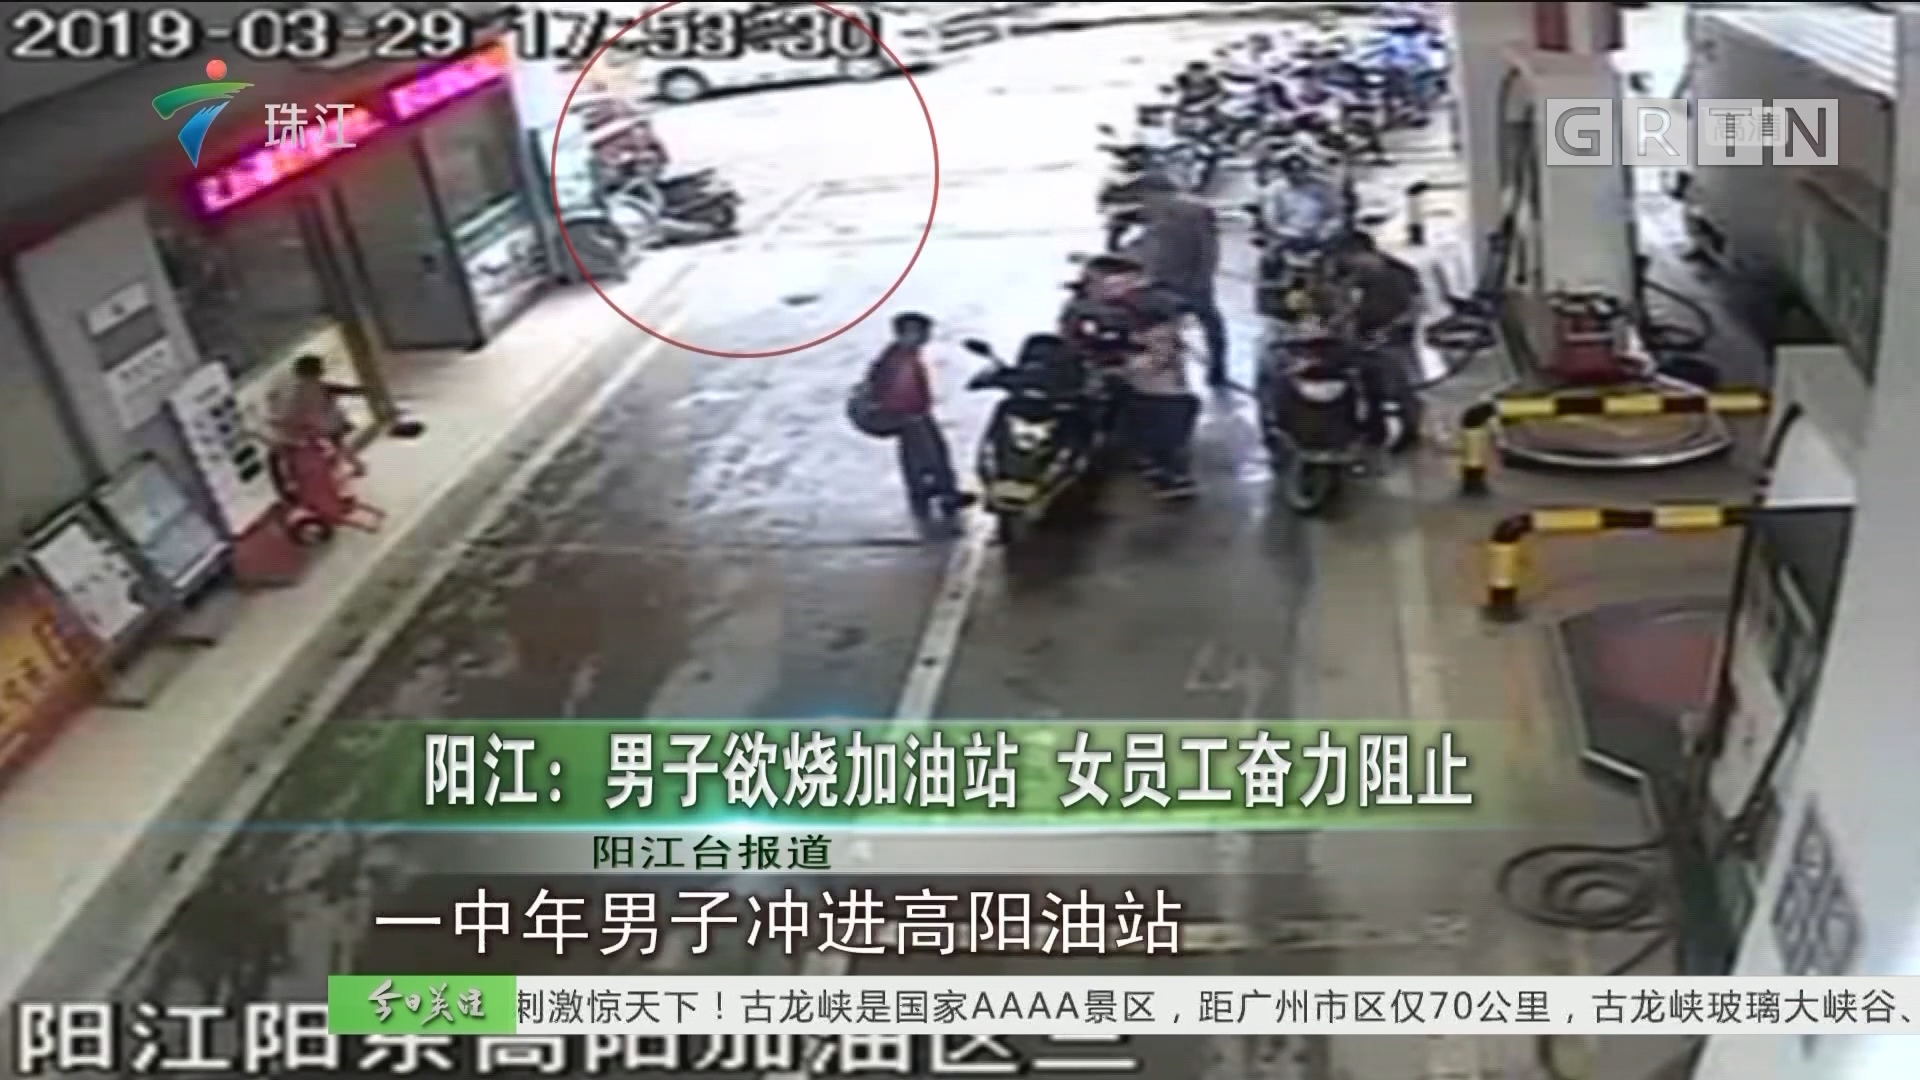 阳江:男子欲烧加油站 女员工奋力阻止